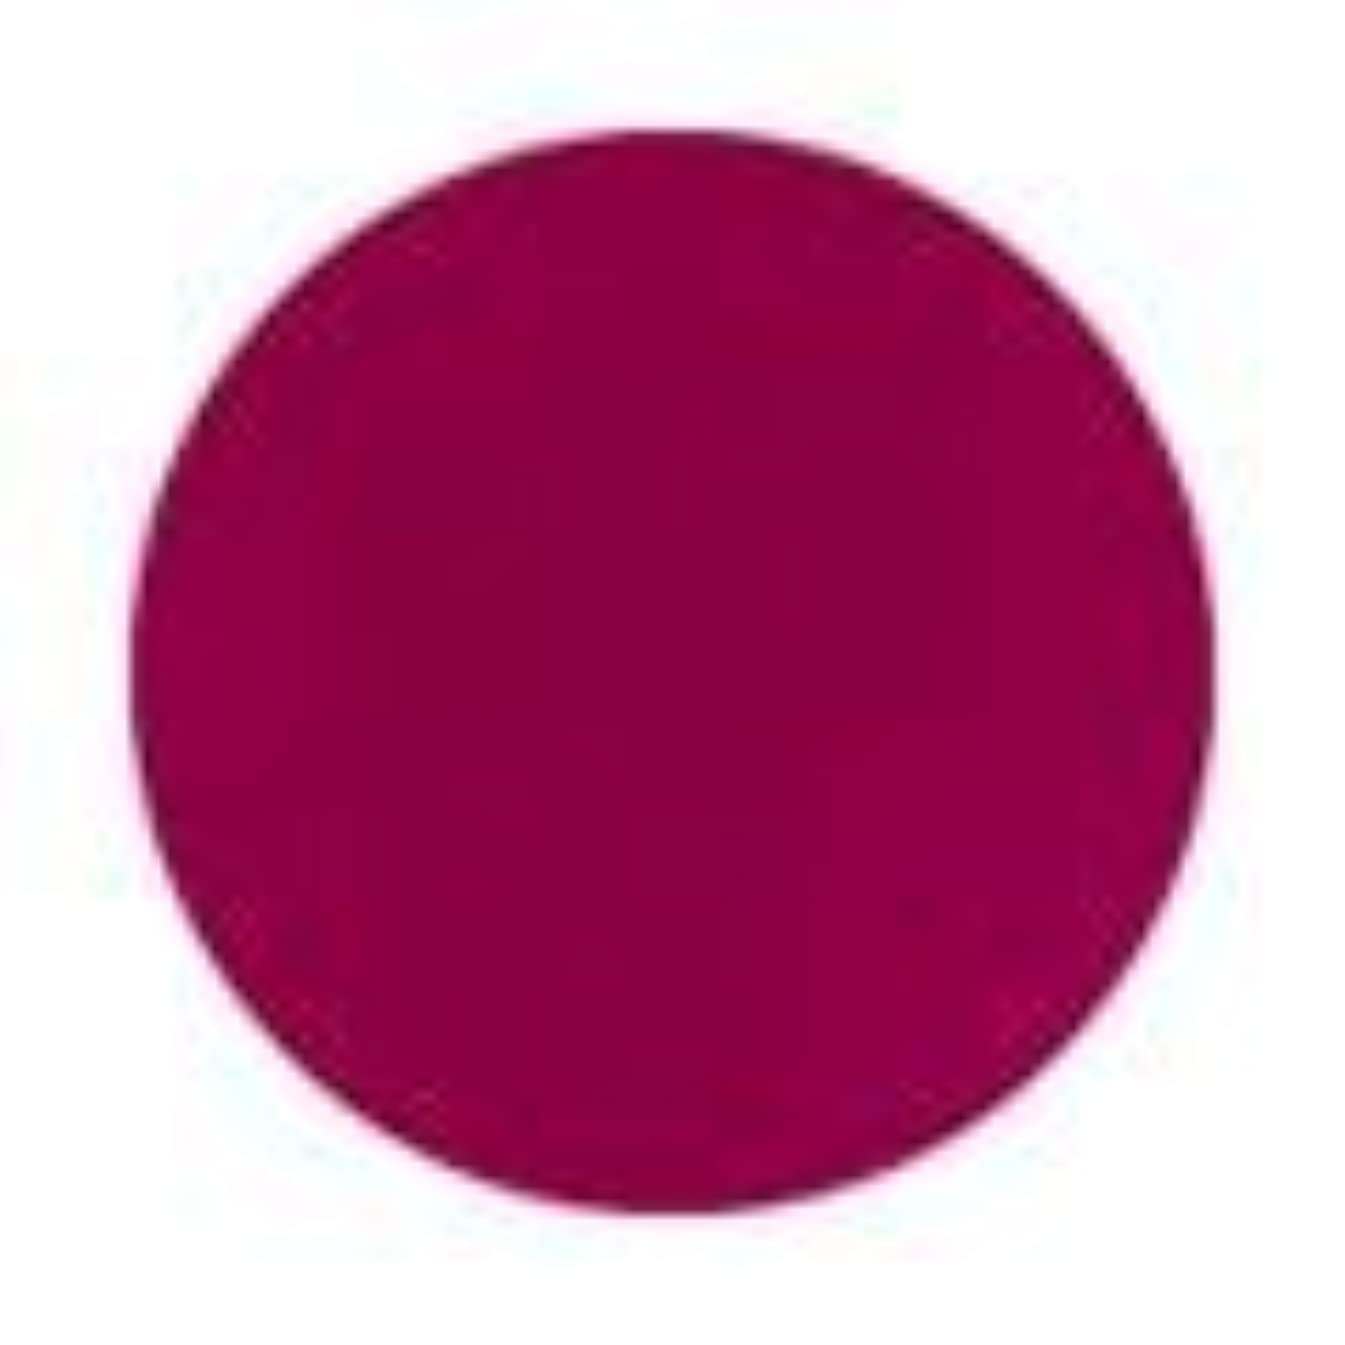 強いますつまずく誤解させるJessica ジェレレーション カラー 15ml  636 ゴージャスガーターベルト